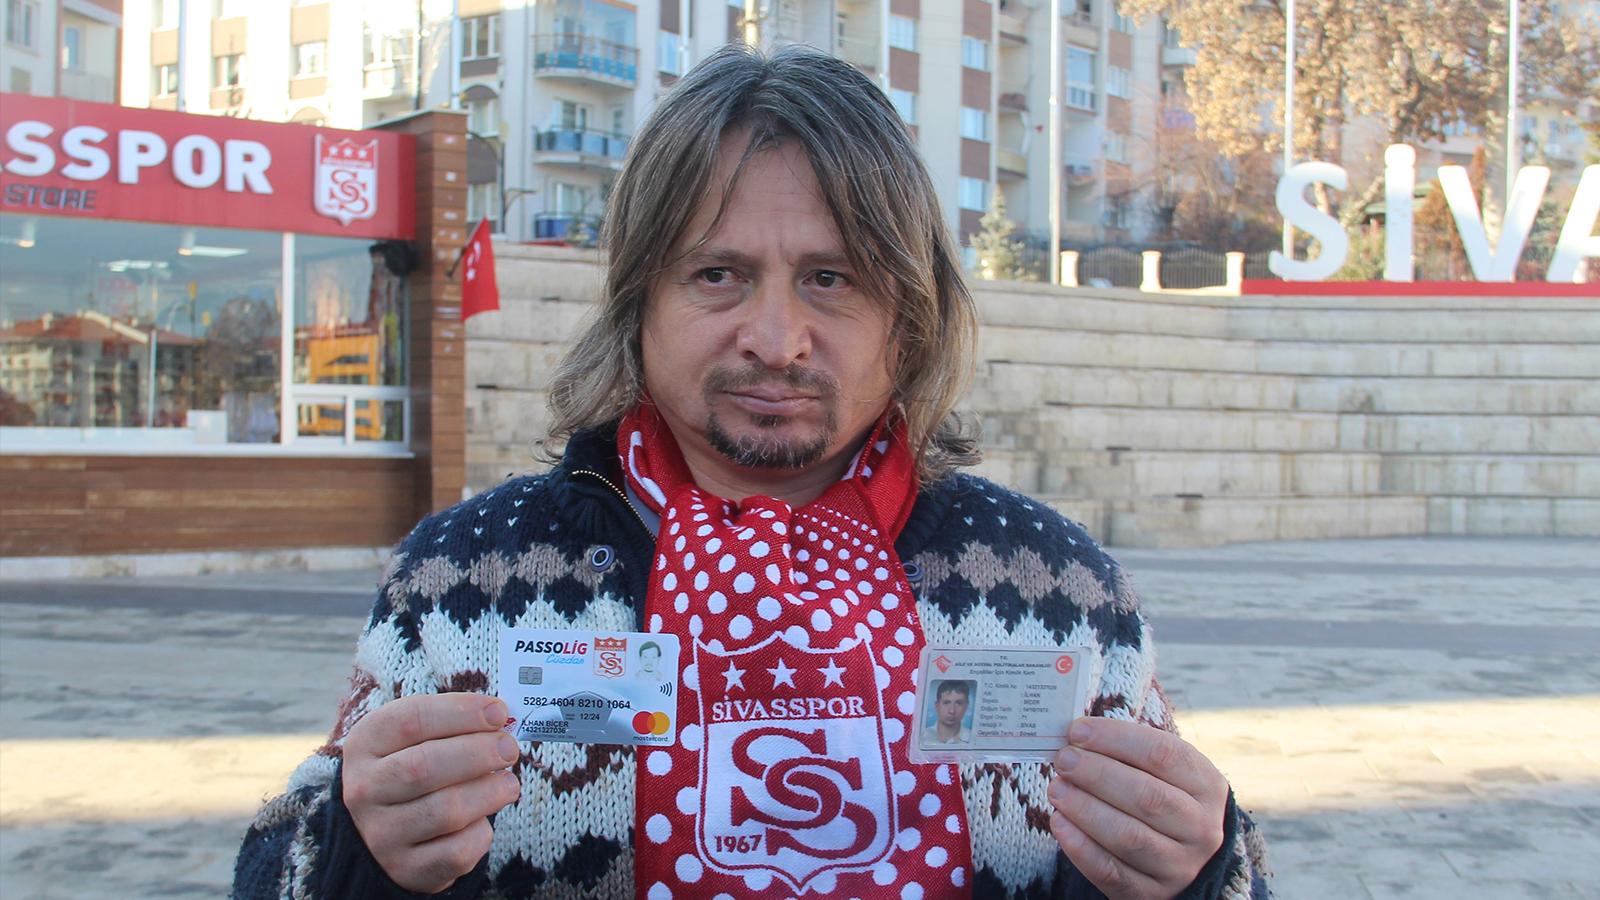 Konuşma engelli Sivasspor taraftarına küfürlü tezahürat cezası!